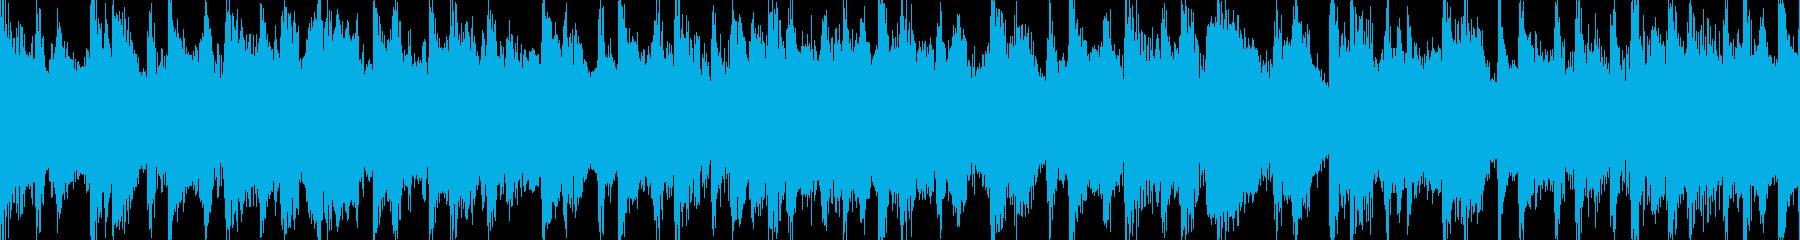 アフリカを感じる癒サウンド Loop素材の再生済みの波形